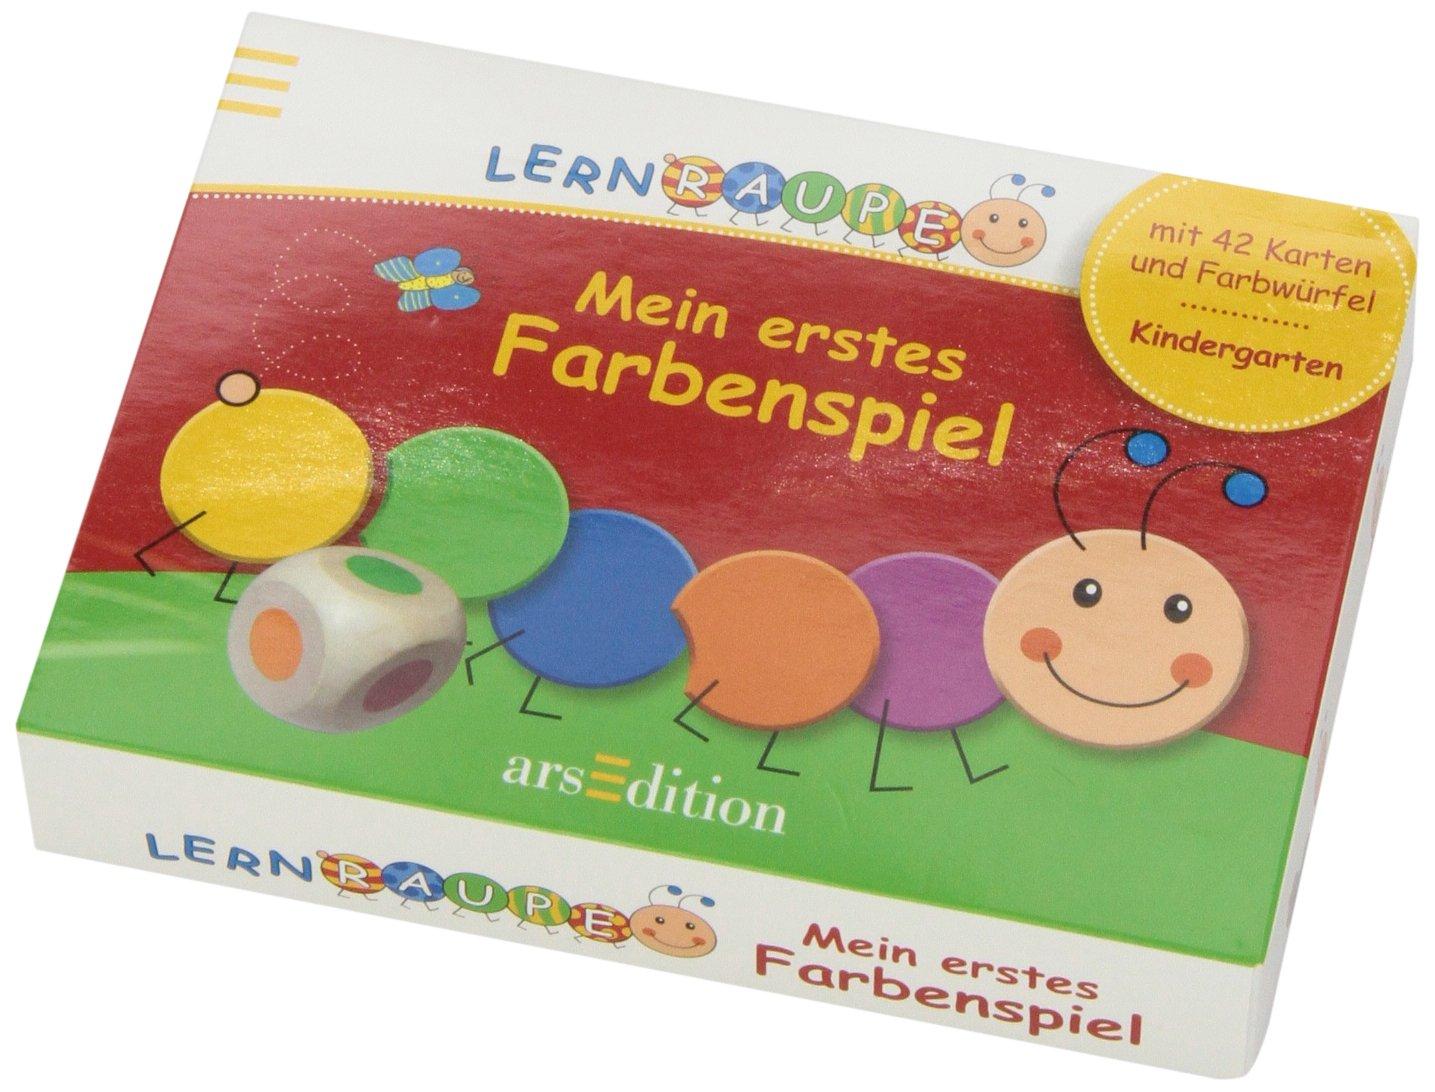 Ziemlich Kinder Farbspiele Galerie - Druckbare Malvorlagen - amaichi ...